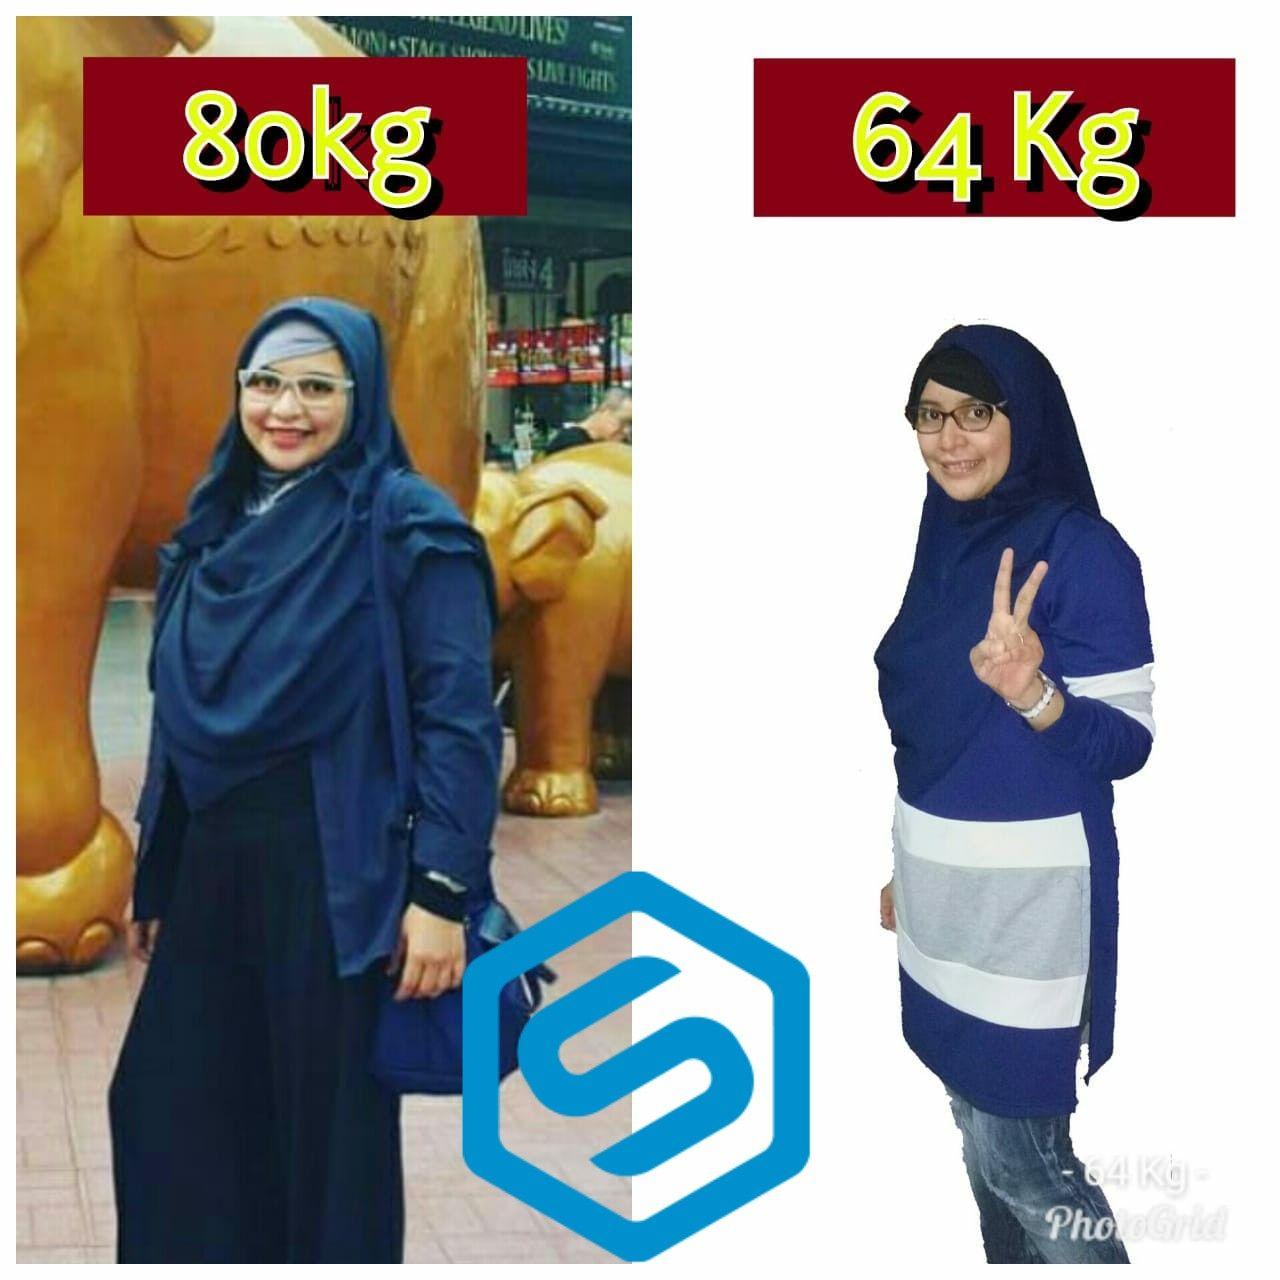 Mau Solusi Menurunkan Berat Badan?? 😃  Klik gambar!!!